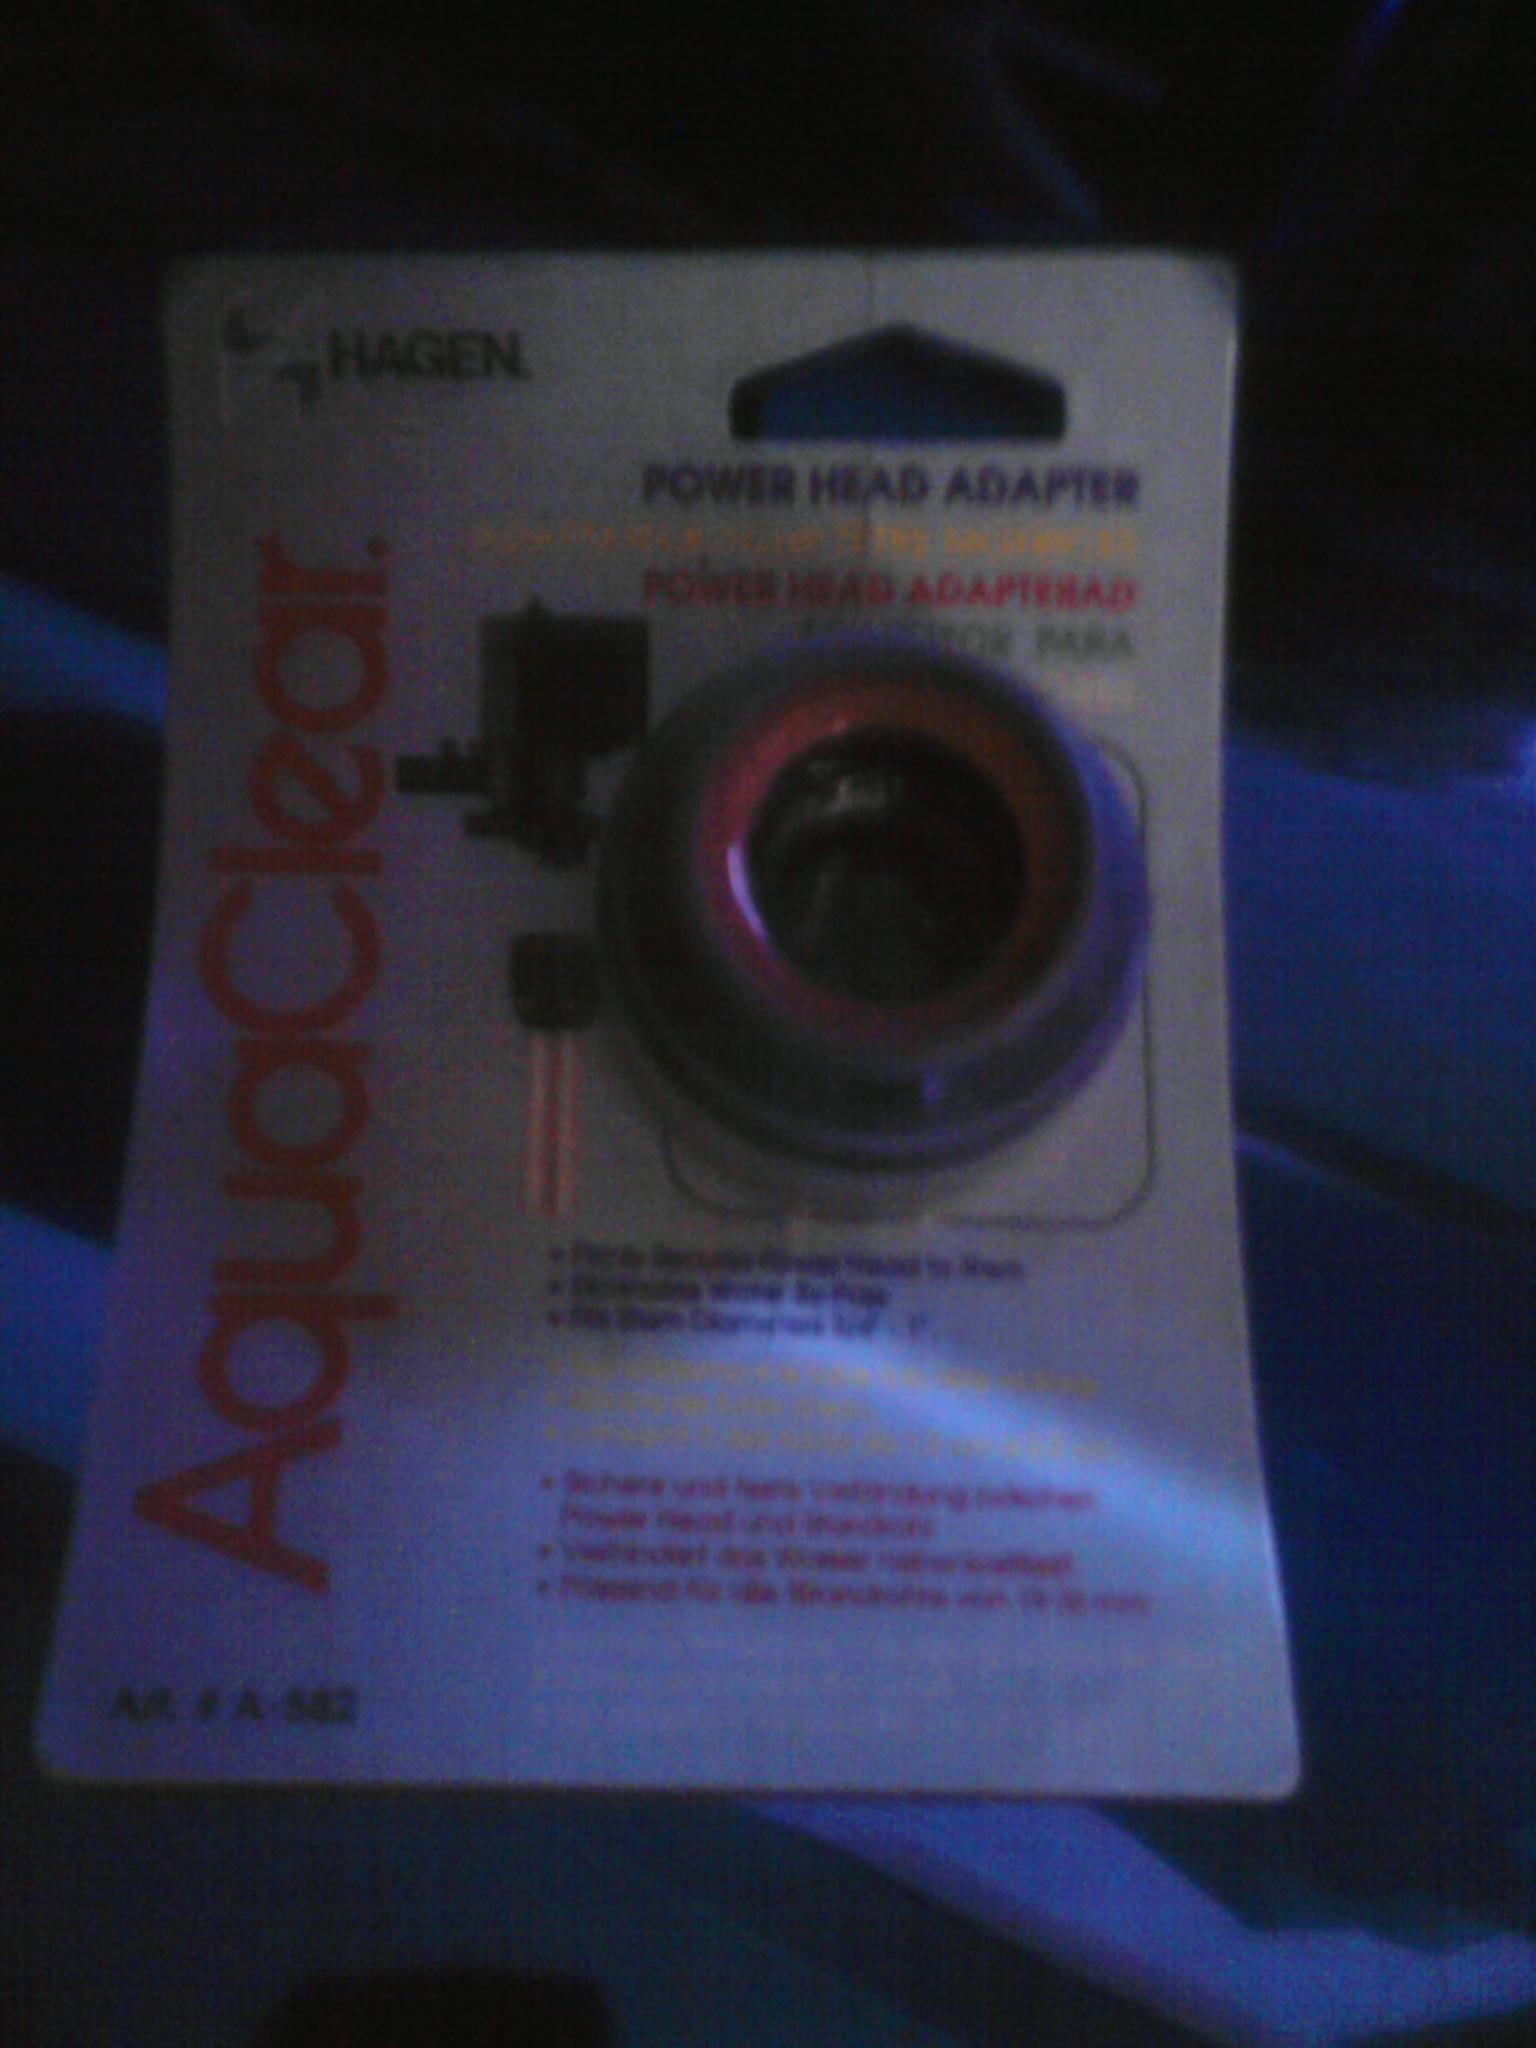 Adapter für Power Head Schnellfilter